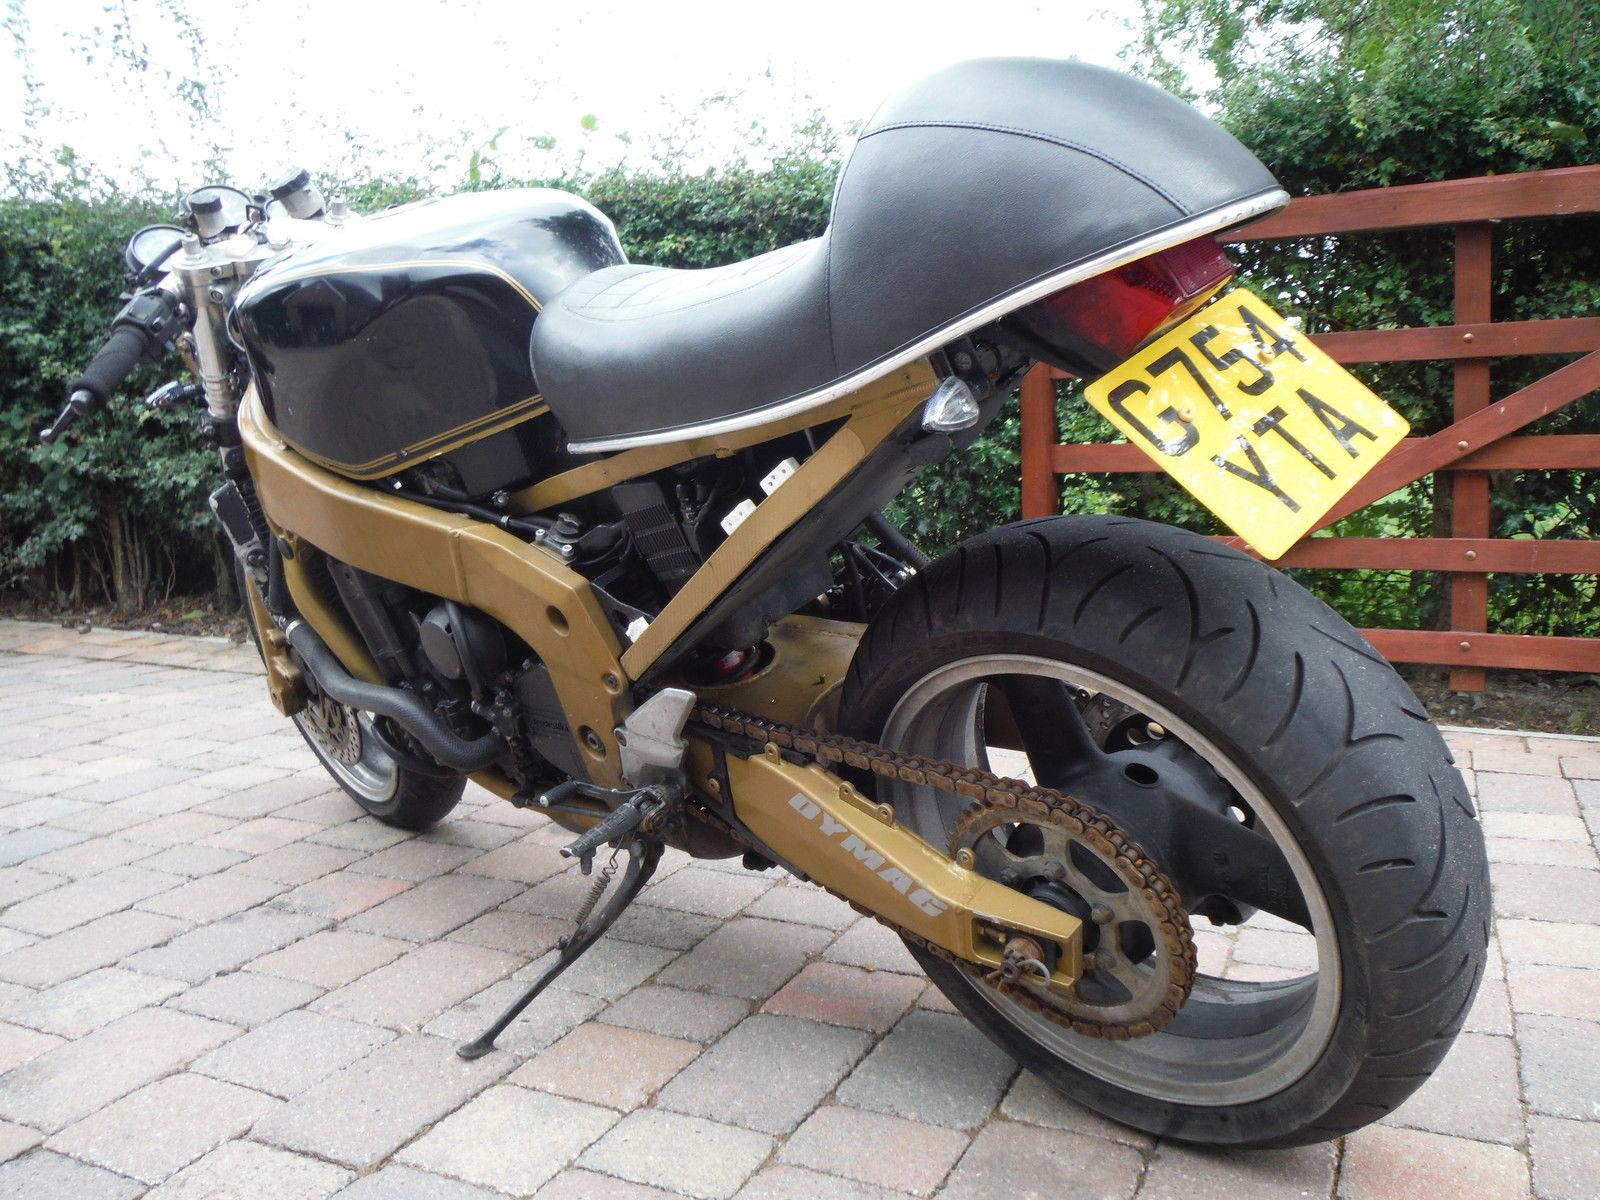 Kawasaki Zxr Engine Noise